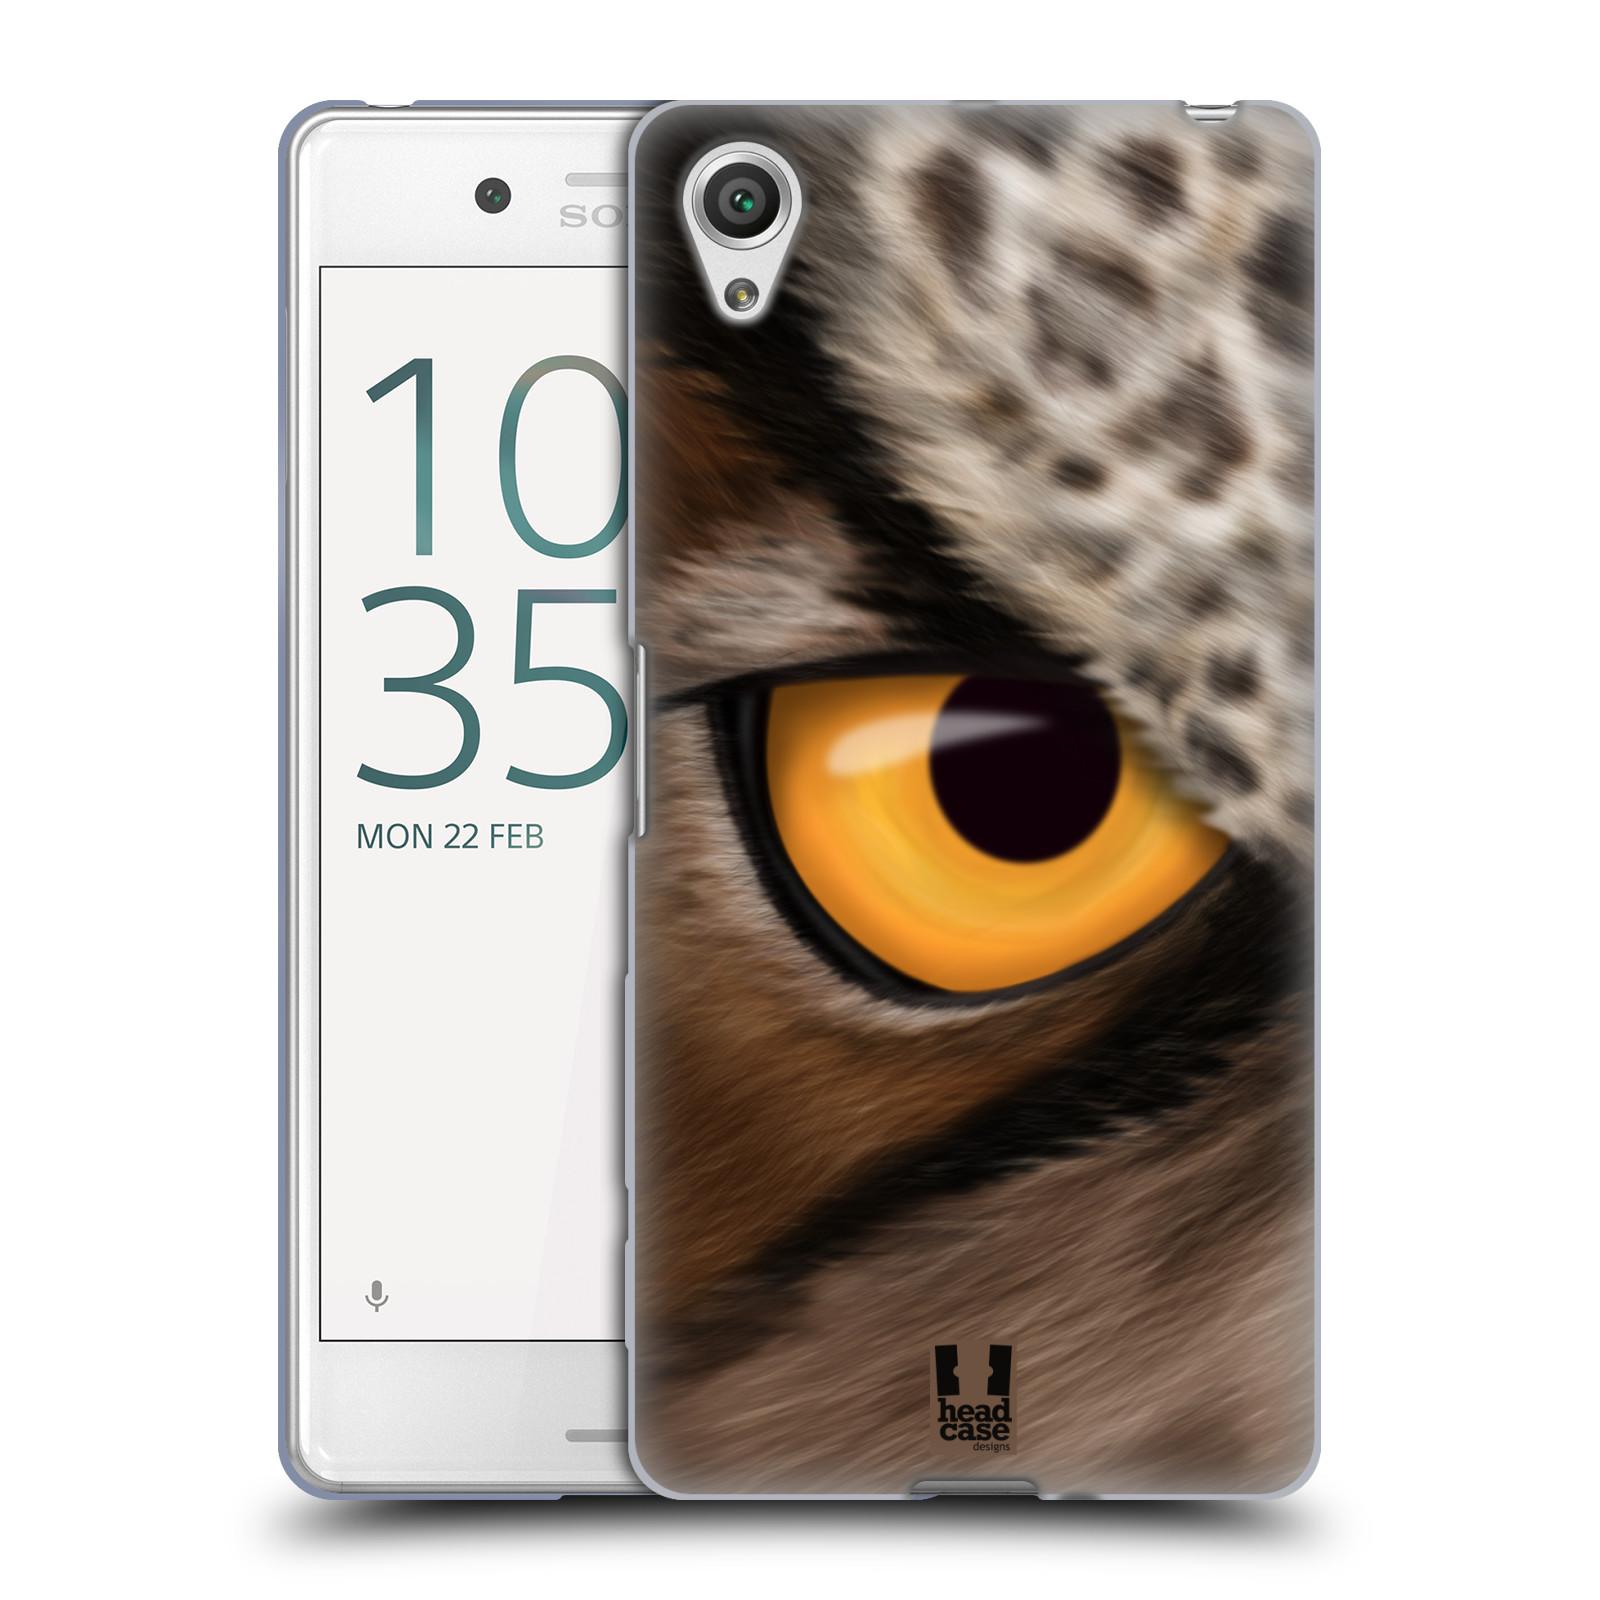 HEAD CASE silikonový obal na mobil Sony Xperia X PERFORMANCE (F8131, F8132) vzor pohled zvířete oko sova